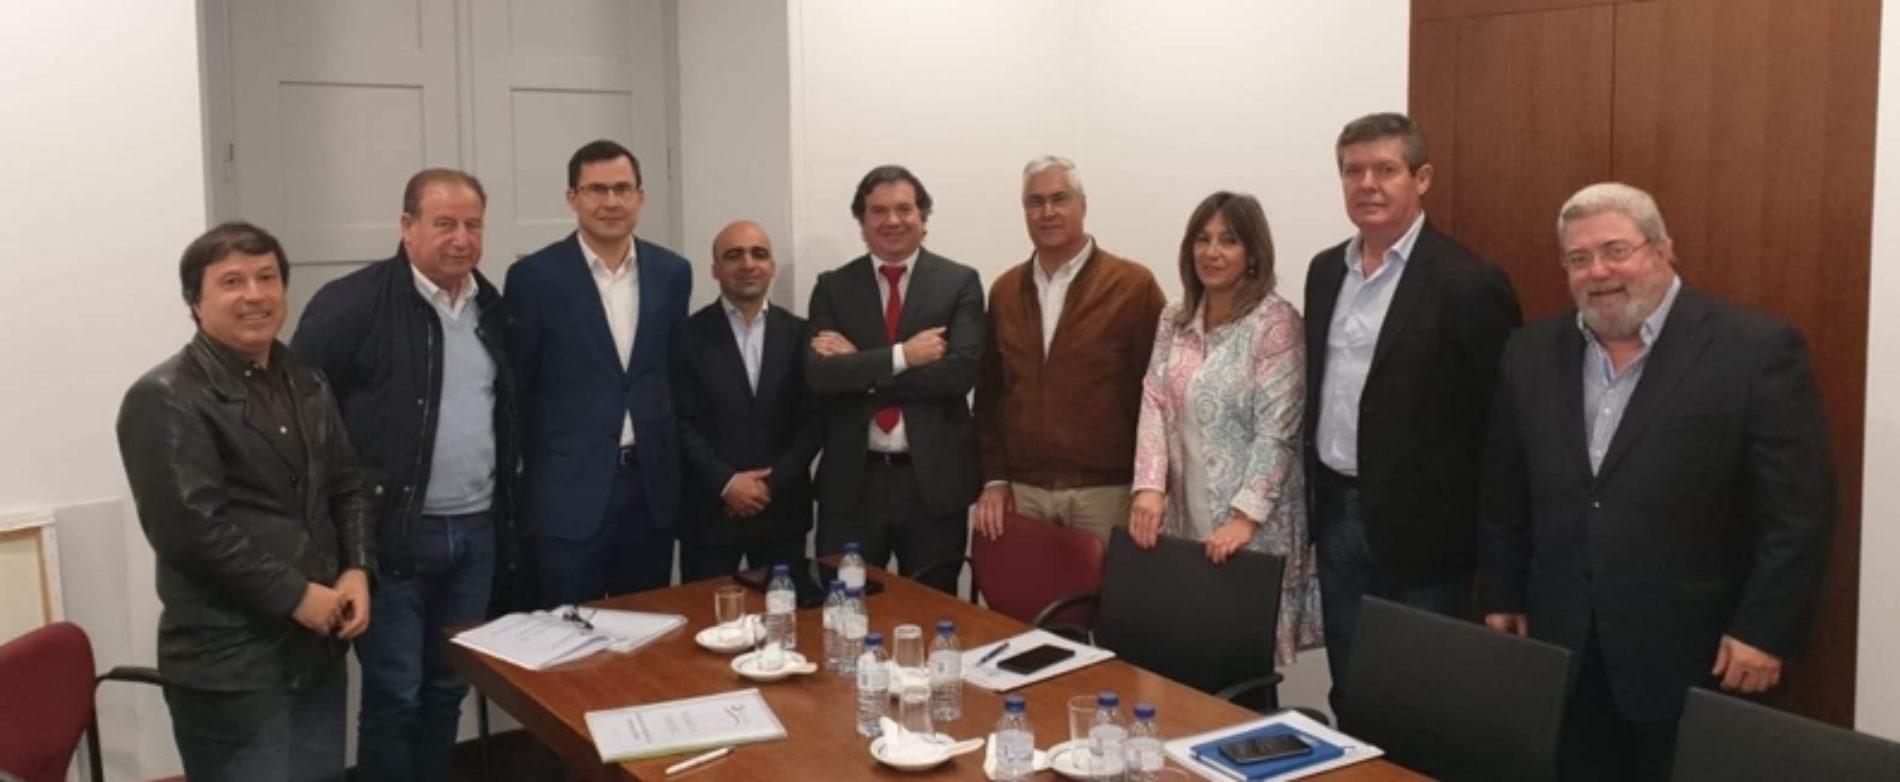 ADESA aprova Plano de Atividades e Orçamento para 2019